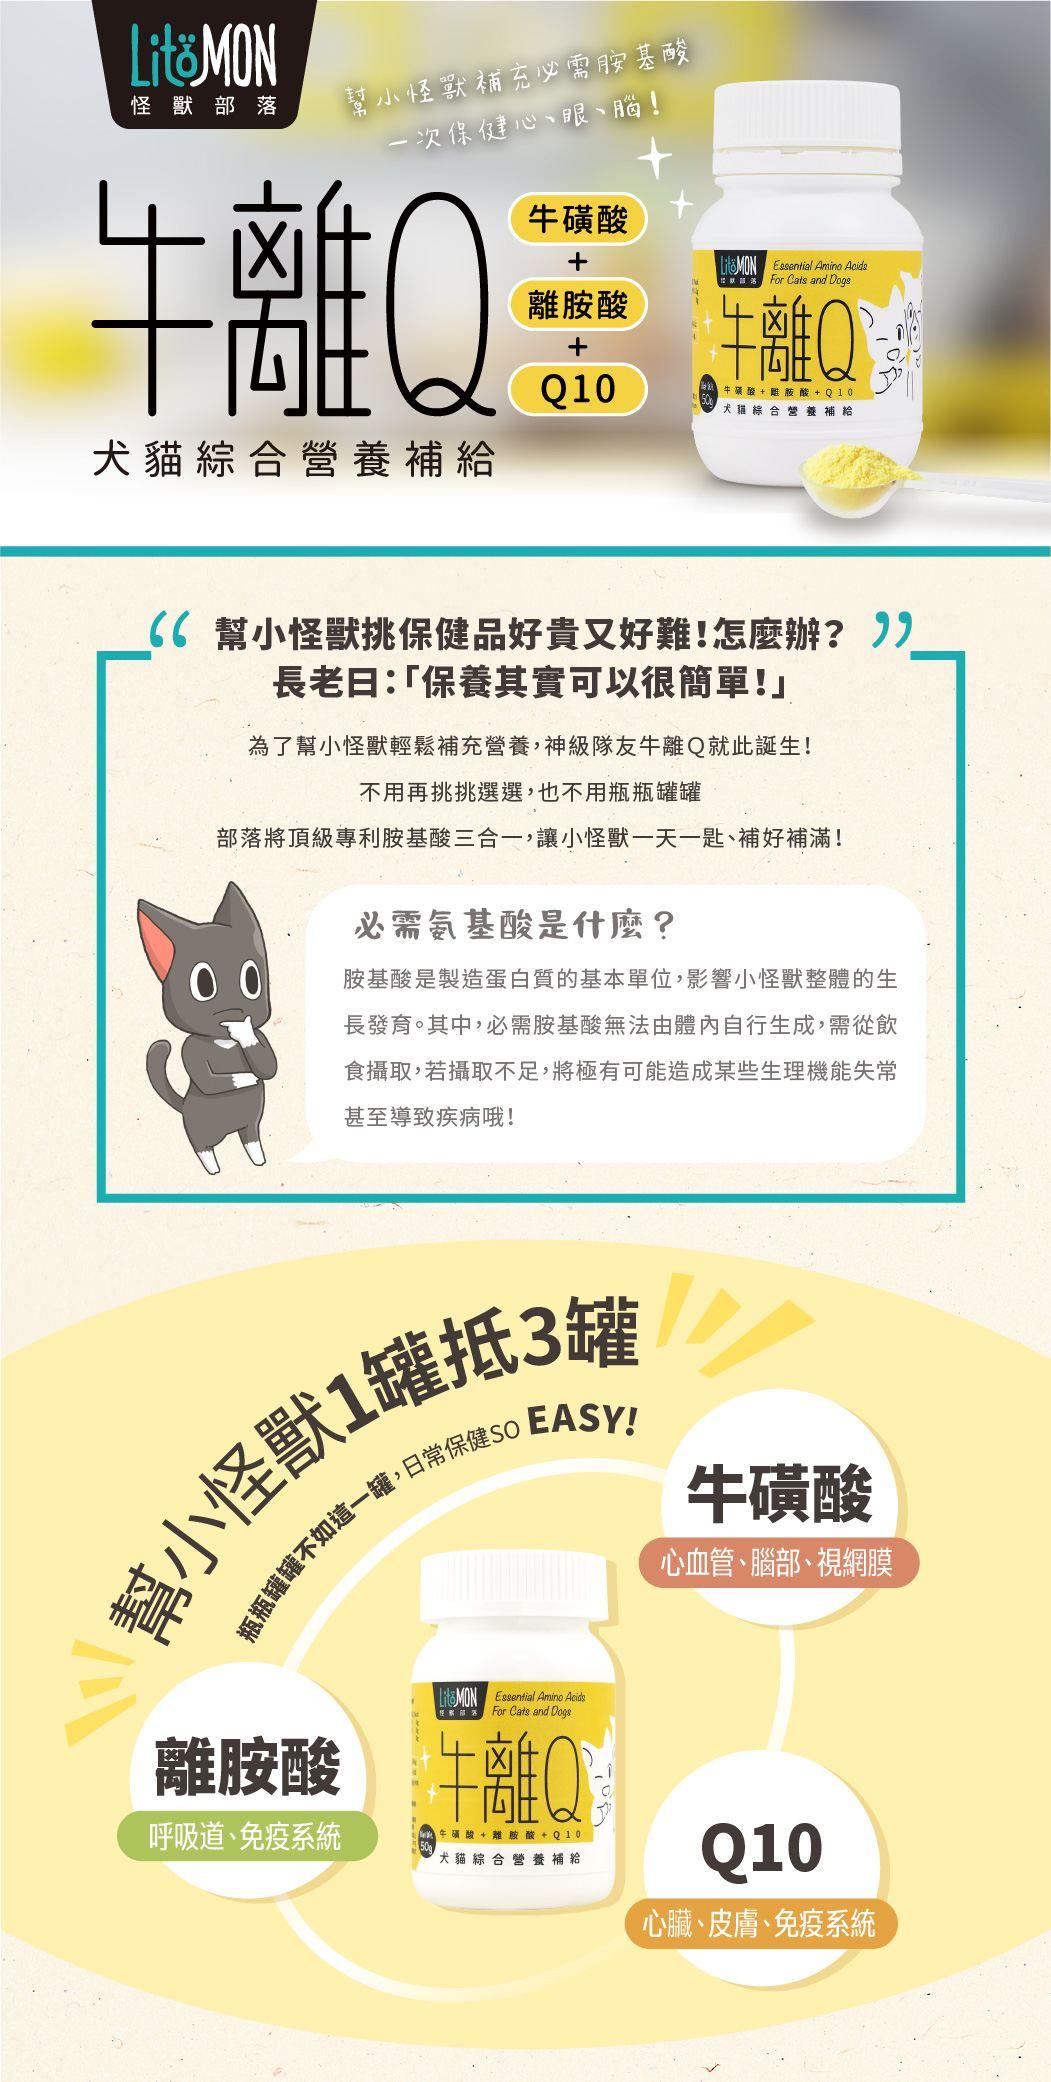 怪獸部落 犬貓適用 牛離Q 綜合營養補給 50g 牛磺酸 離胺酸 Q10 保健品